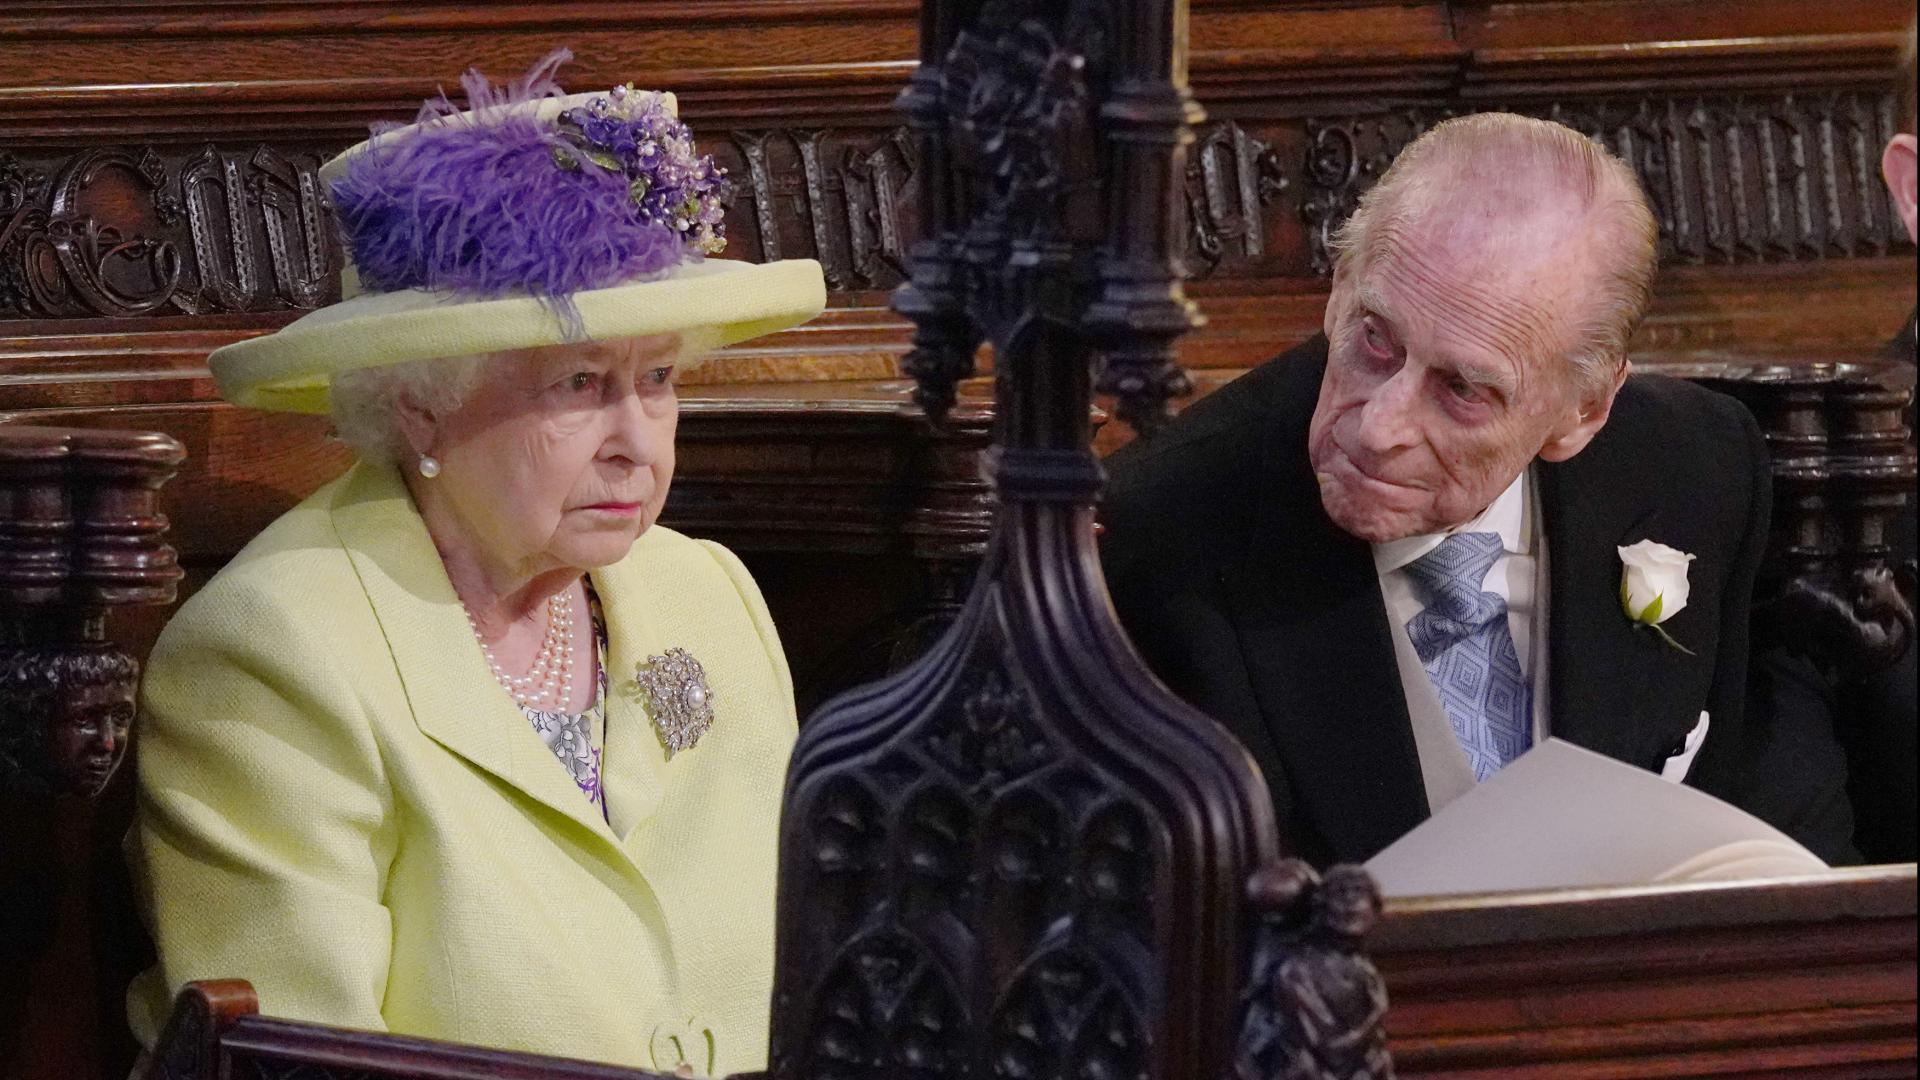 """بعد شهر من تسببه بحادث.. زوج الملكة إليزابيث يسلم رخصة القيادة """"طوعا"""""""